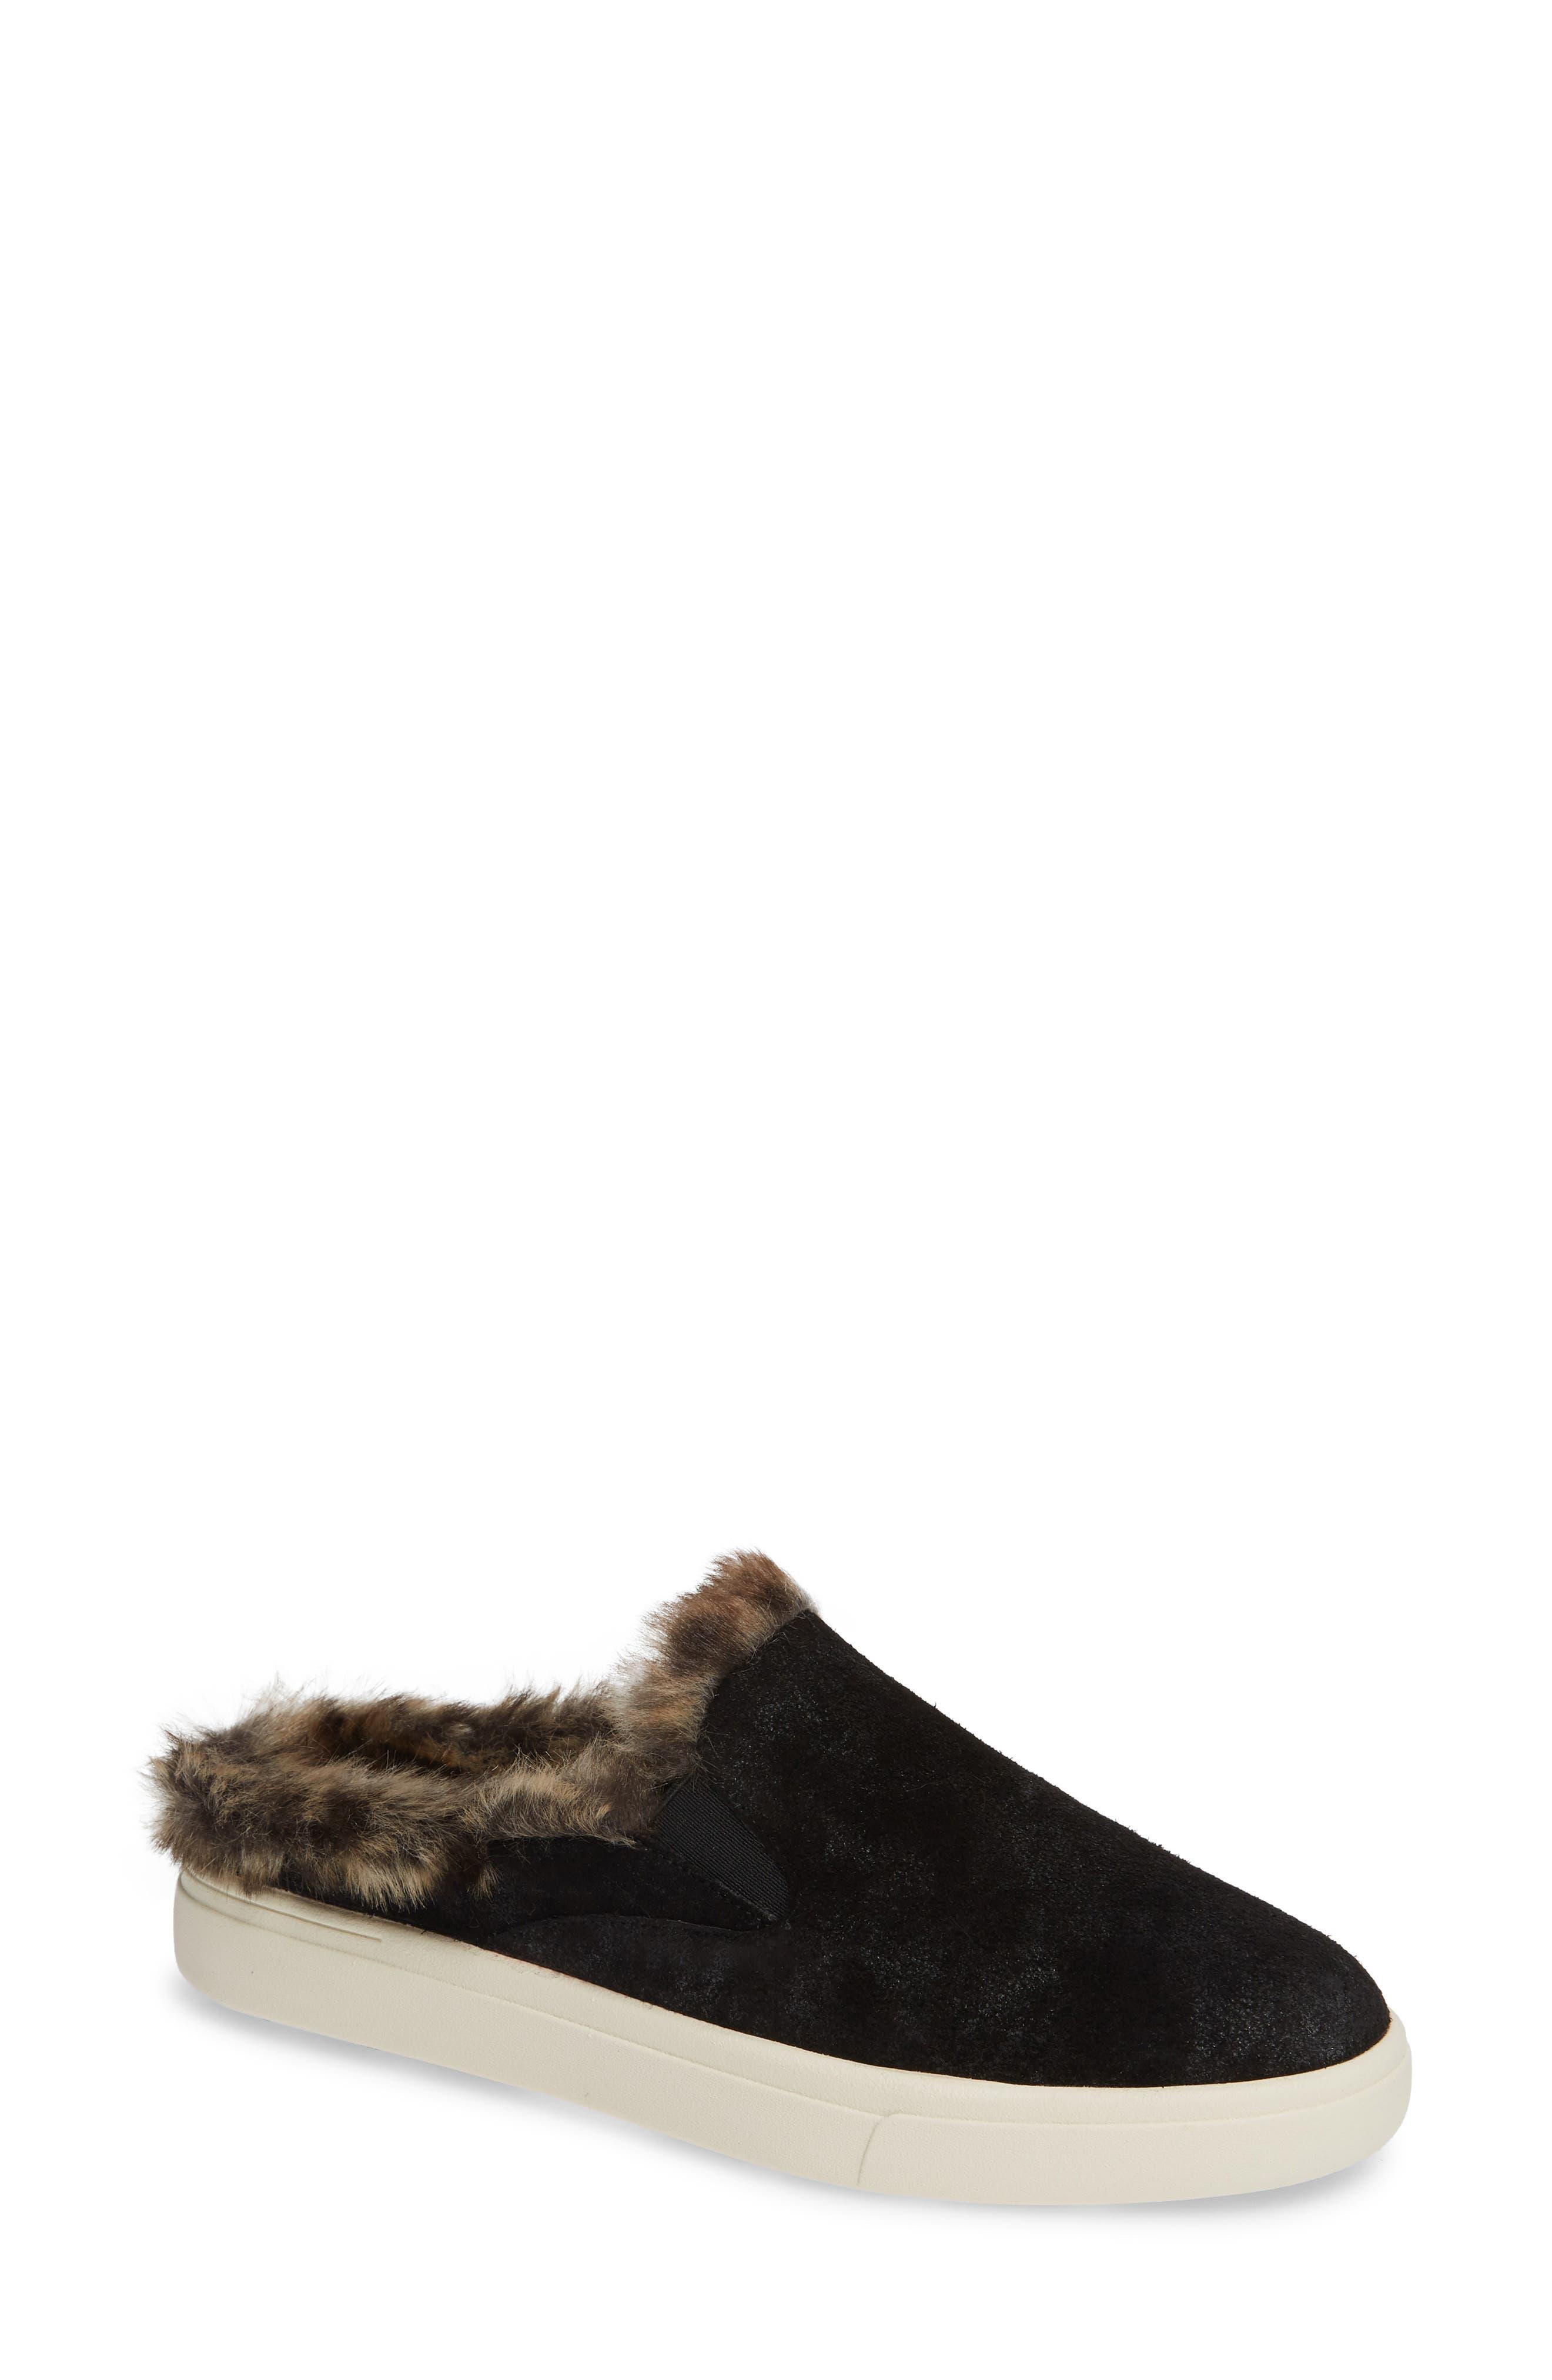 VANELI Yasir Slip-On Sneaker, Main, color, BLACK SUEDE